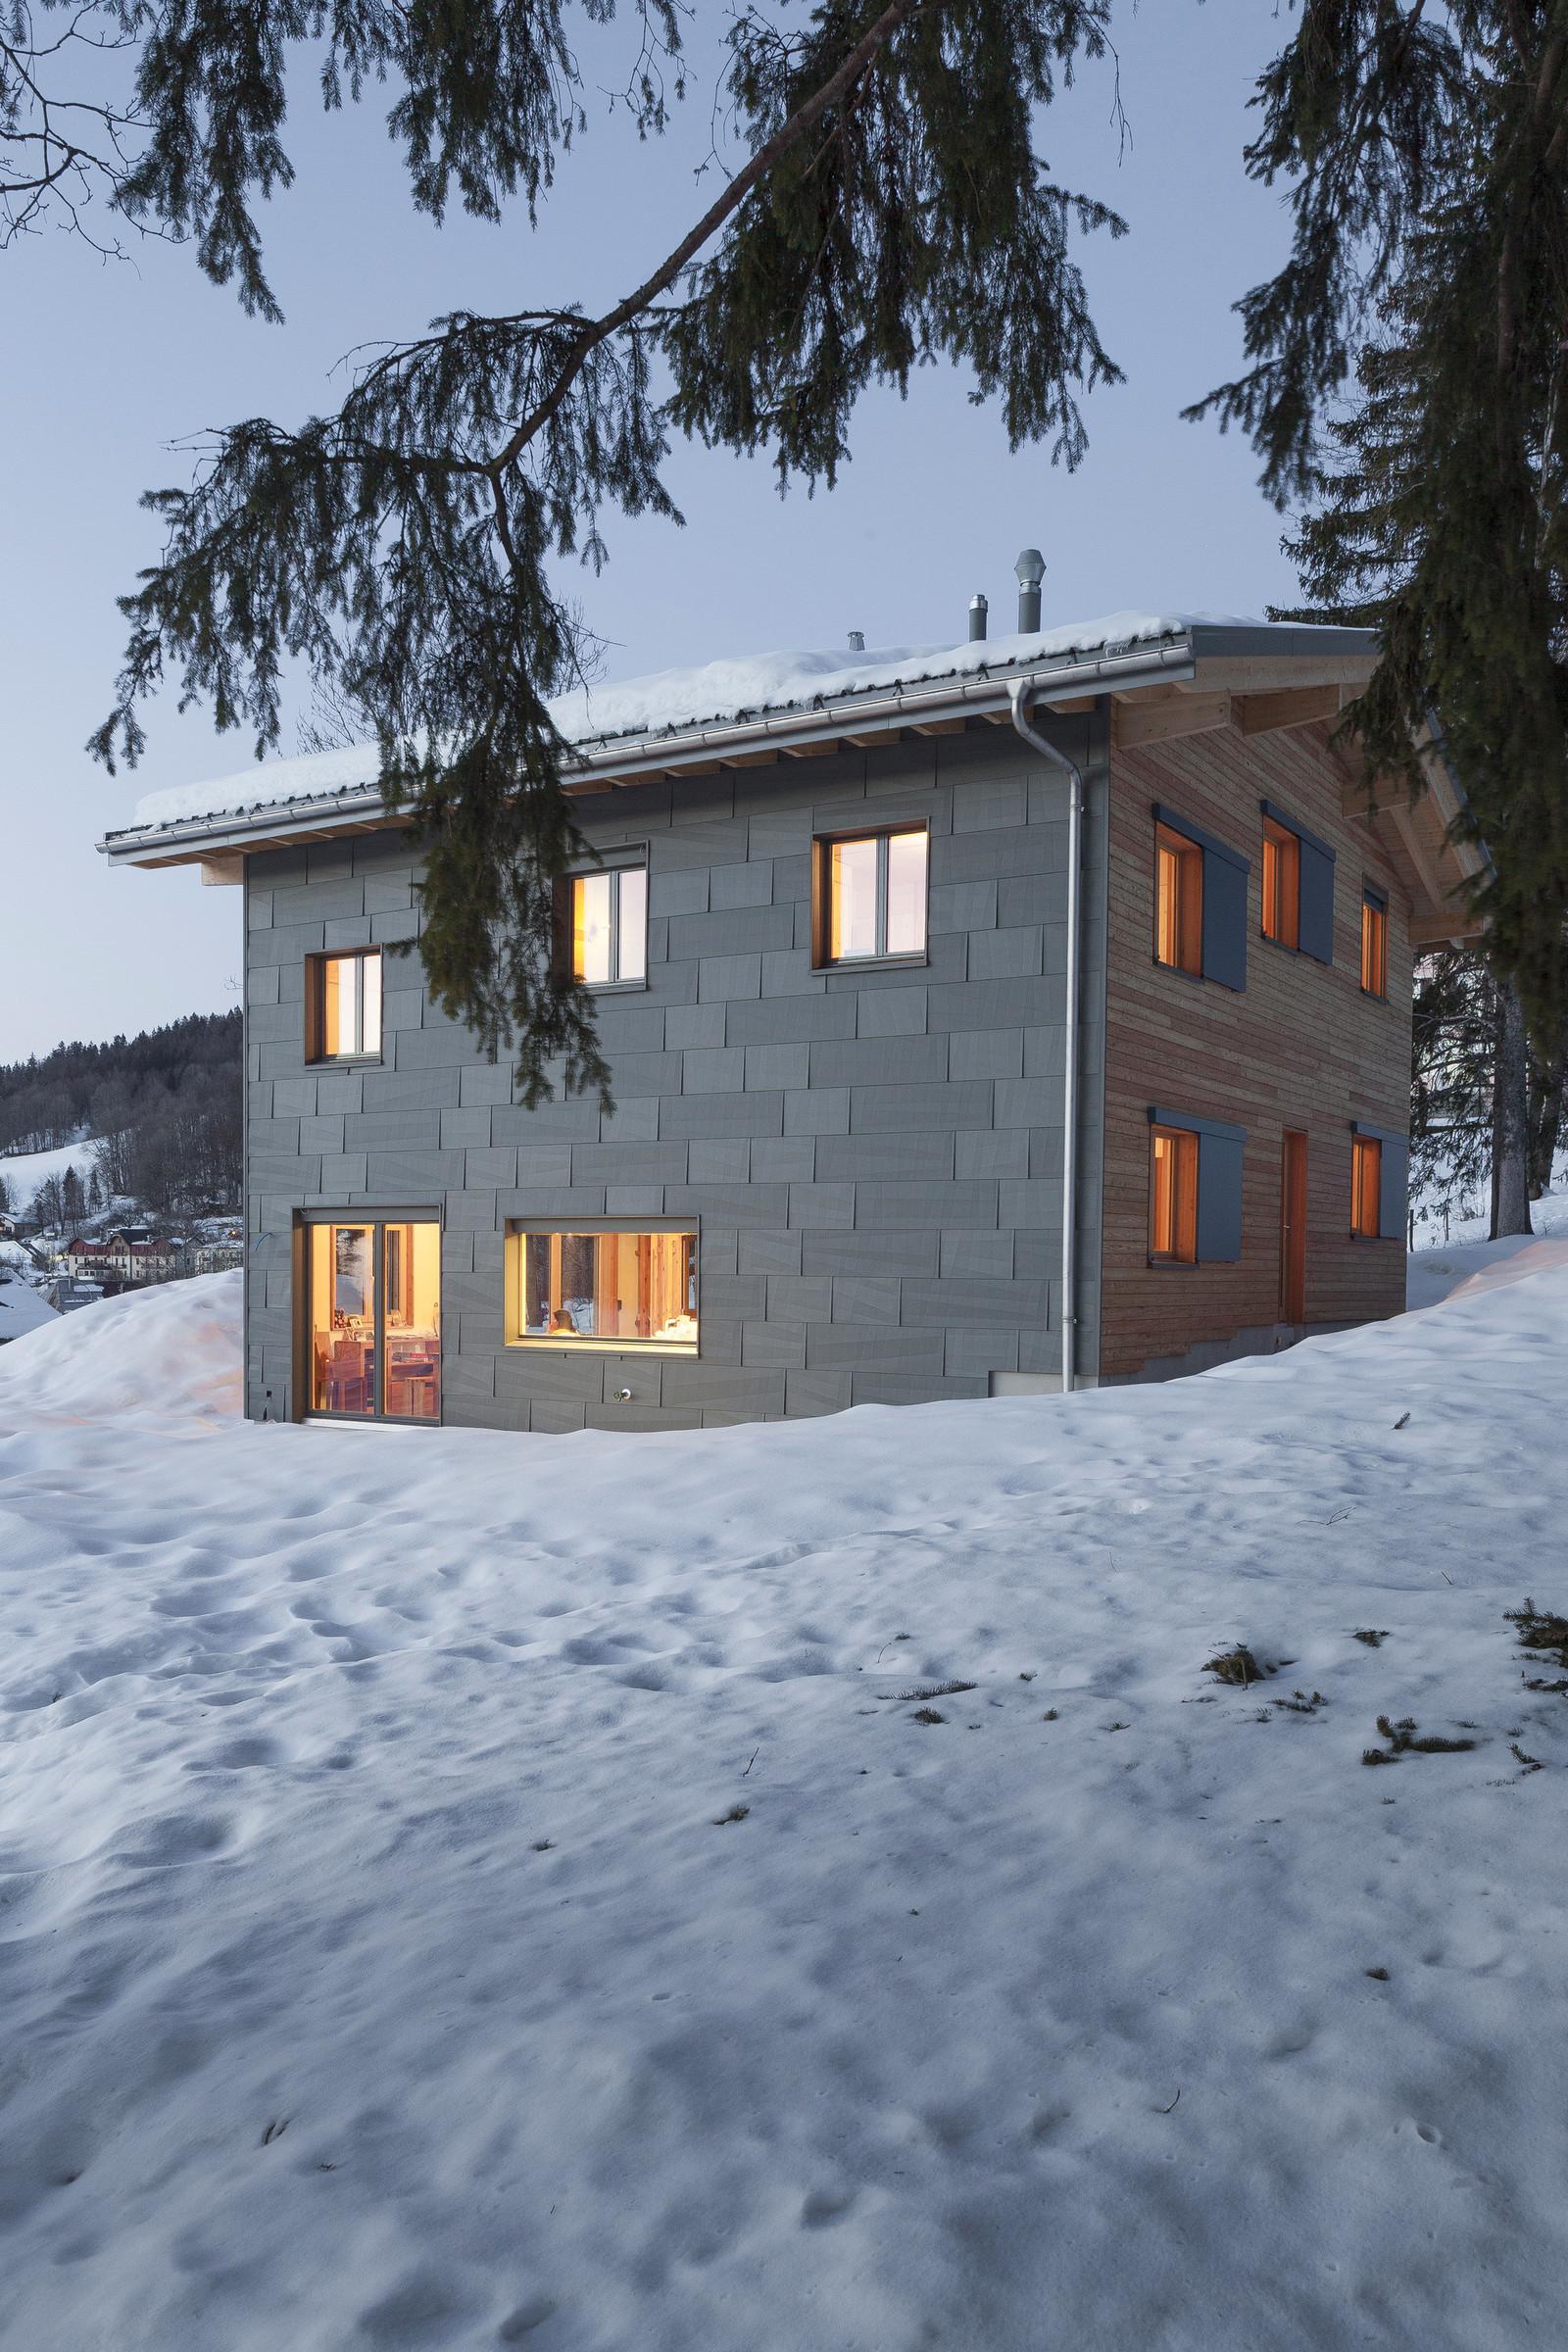 cottage-r-just3ds.com-2